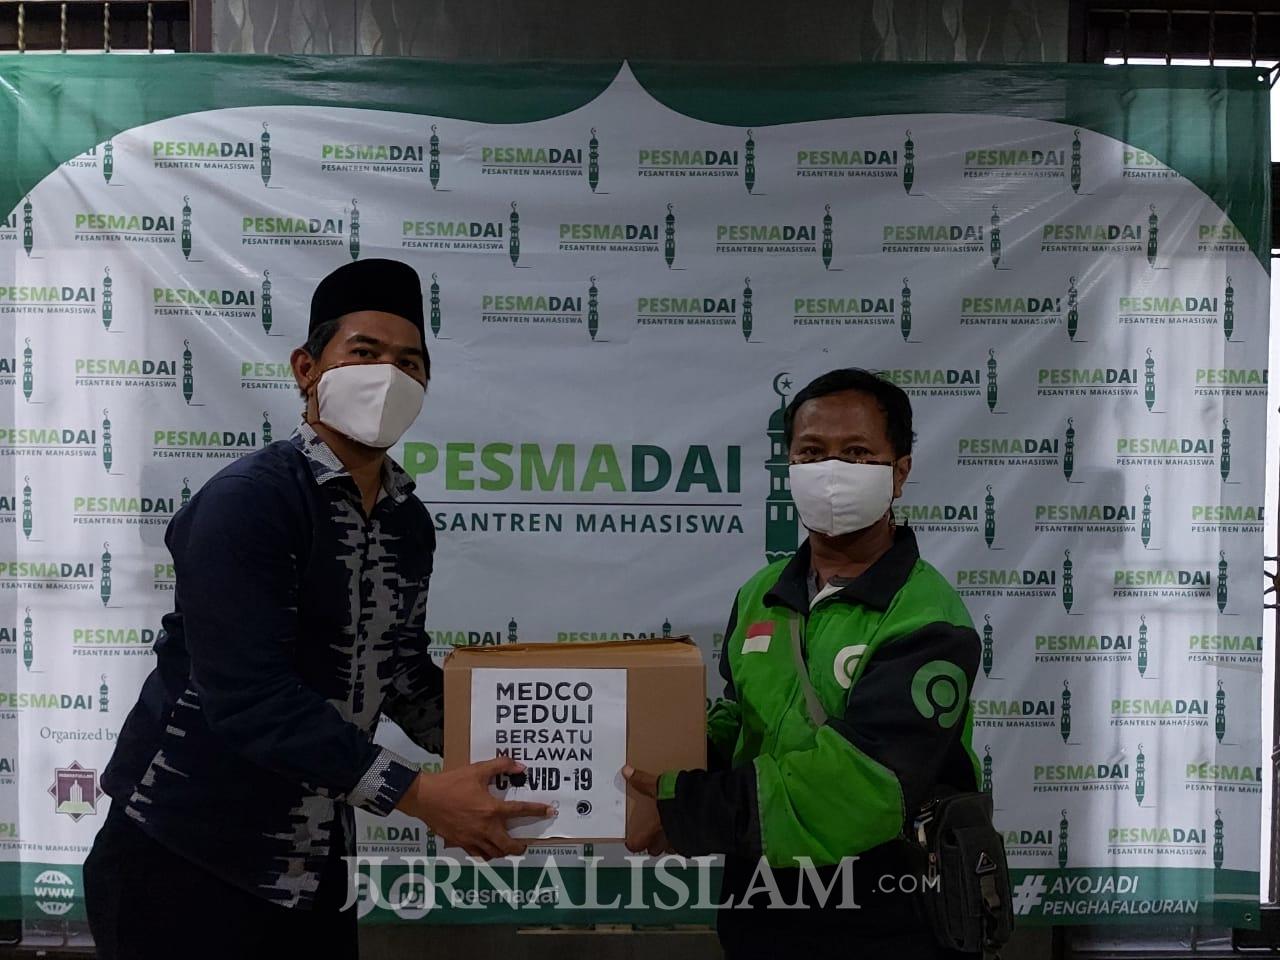 Gandeng Santri Pesmadai, Medco Foundation Salurkan Paket Sembako